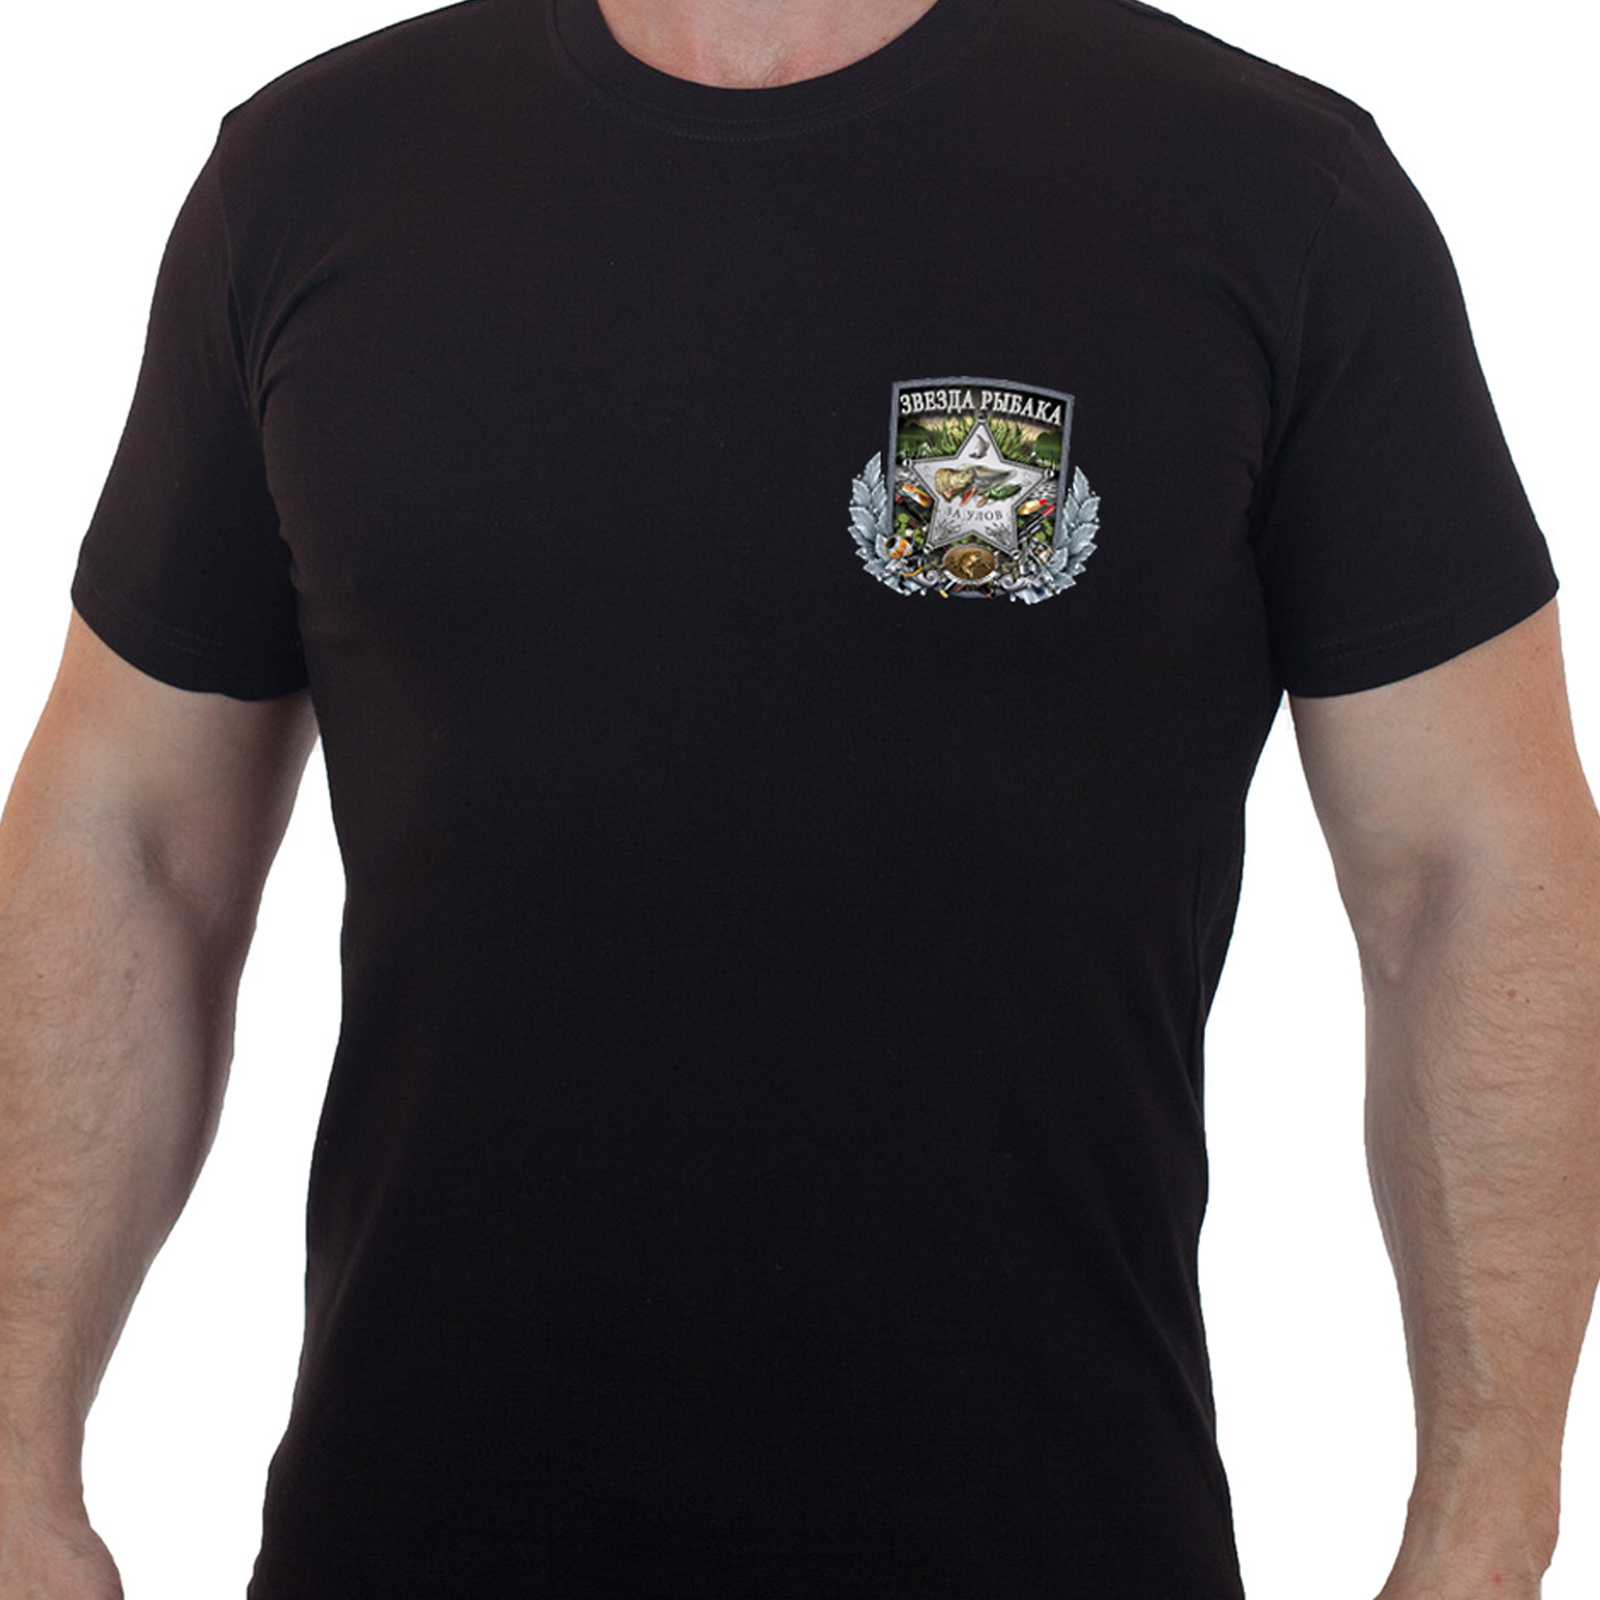 Счастливая футболка Звезда рыбака.